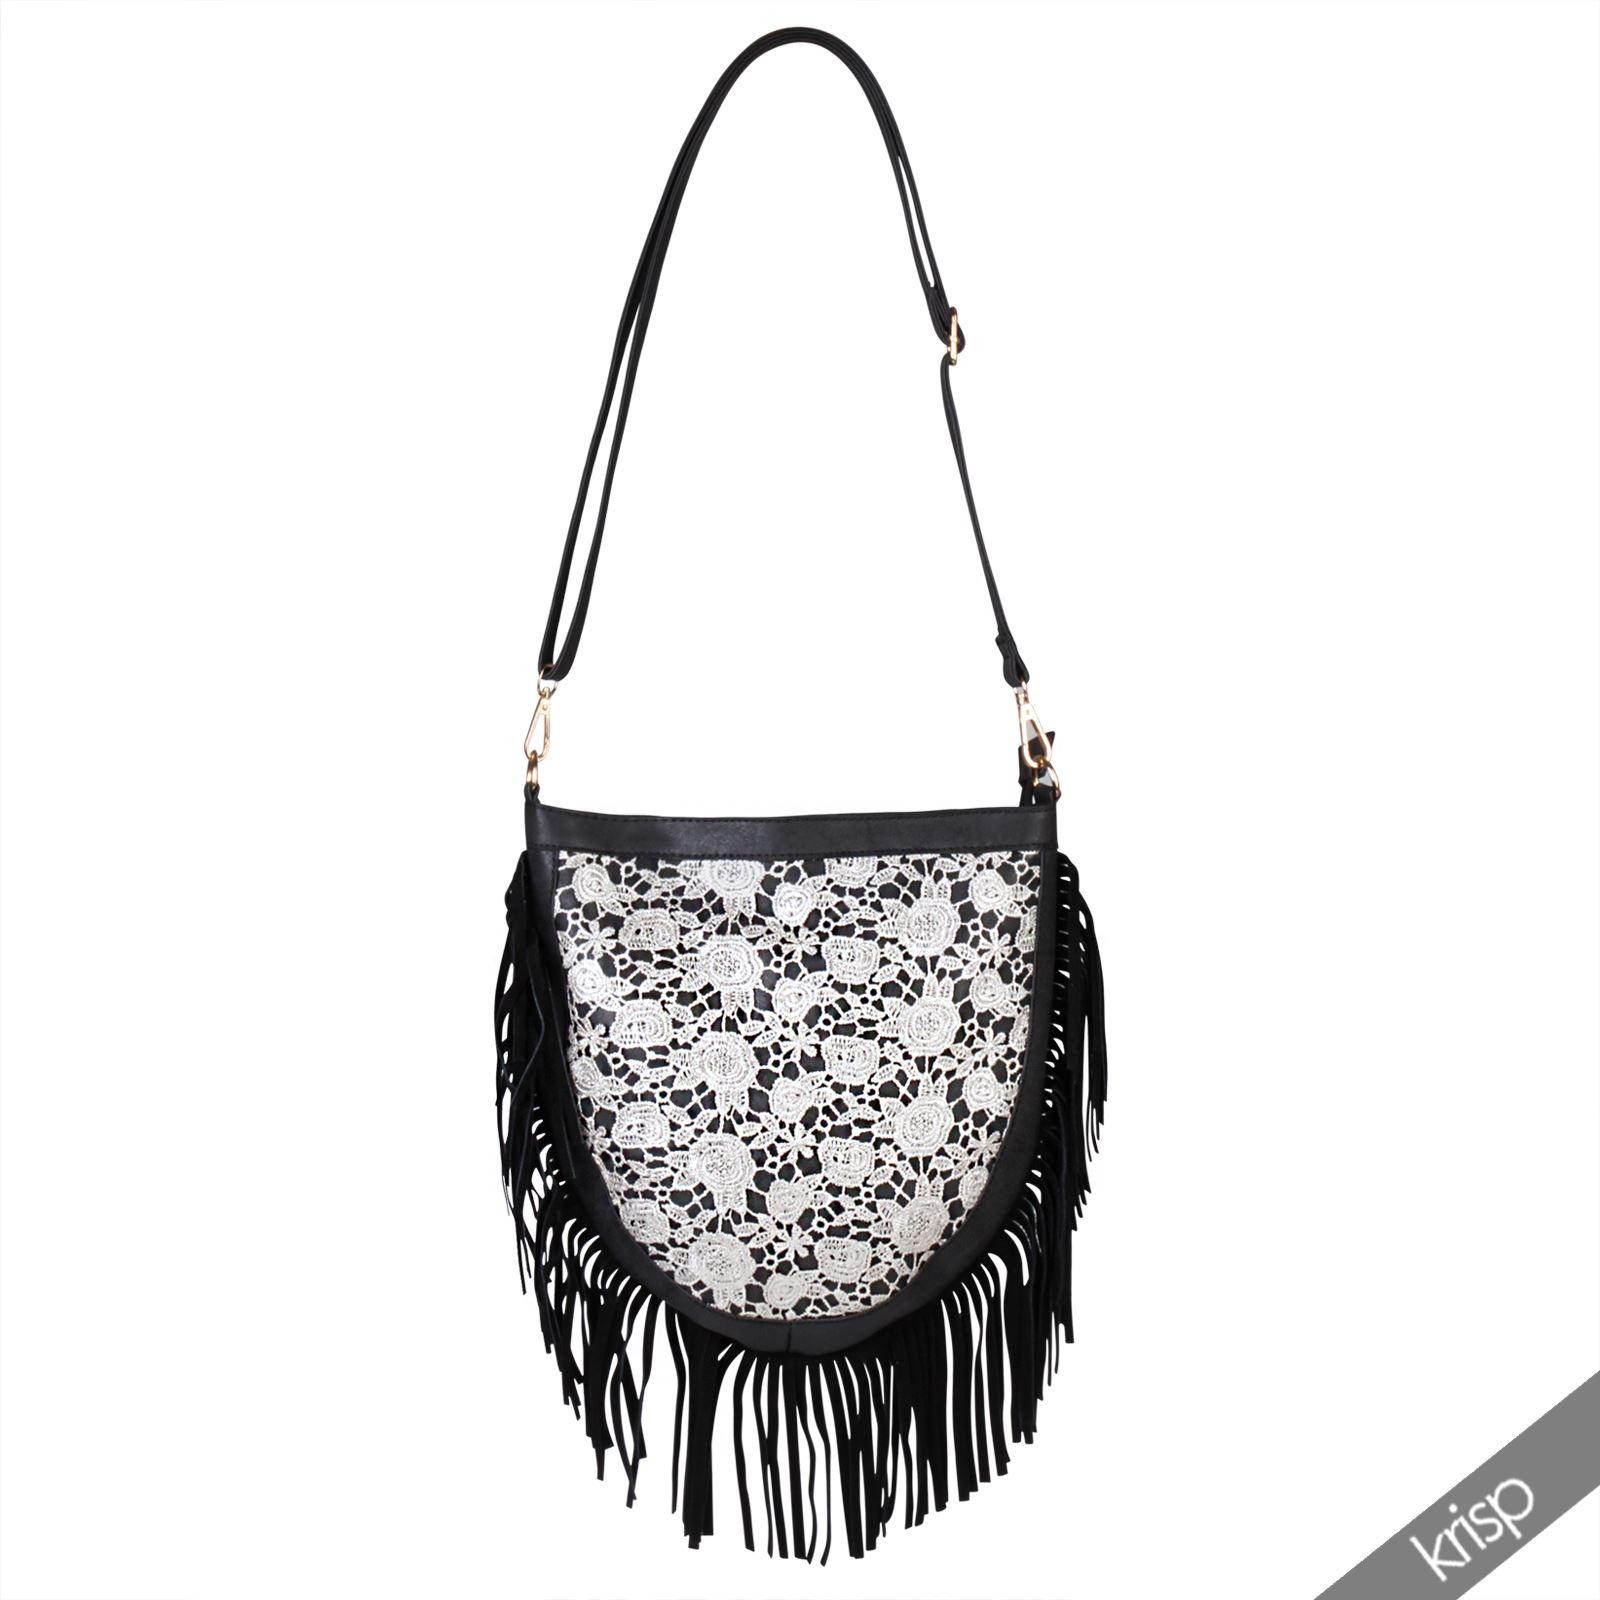 Crochet Fringe Bag : ... Silver-Crochet-Boho-Fringe-Tassel-Shoulder-Messenger-Hand-Bag-Festival